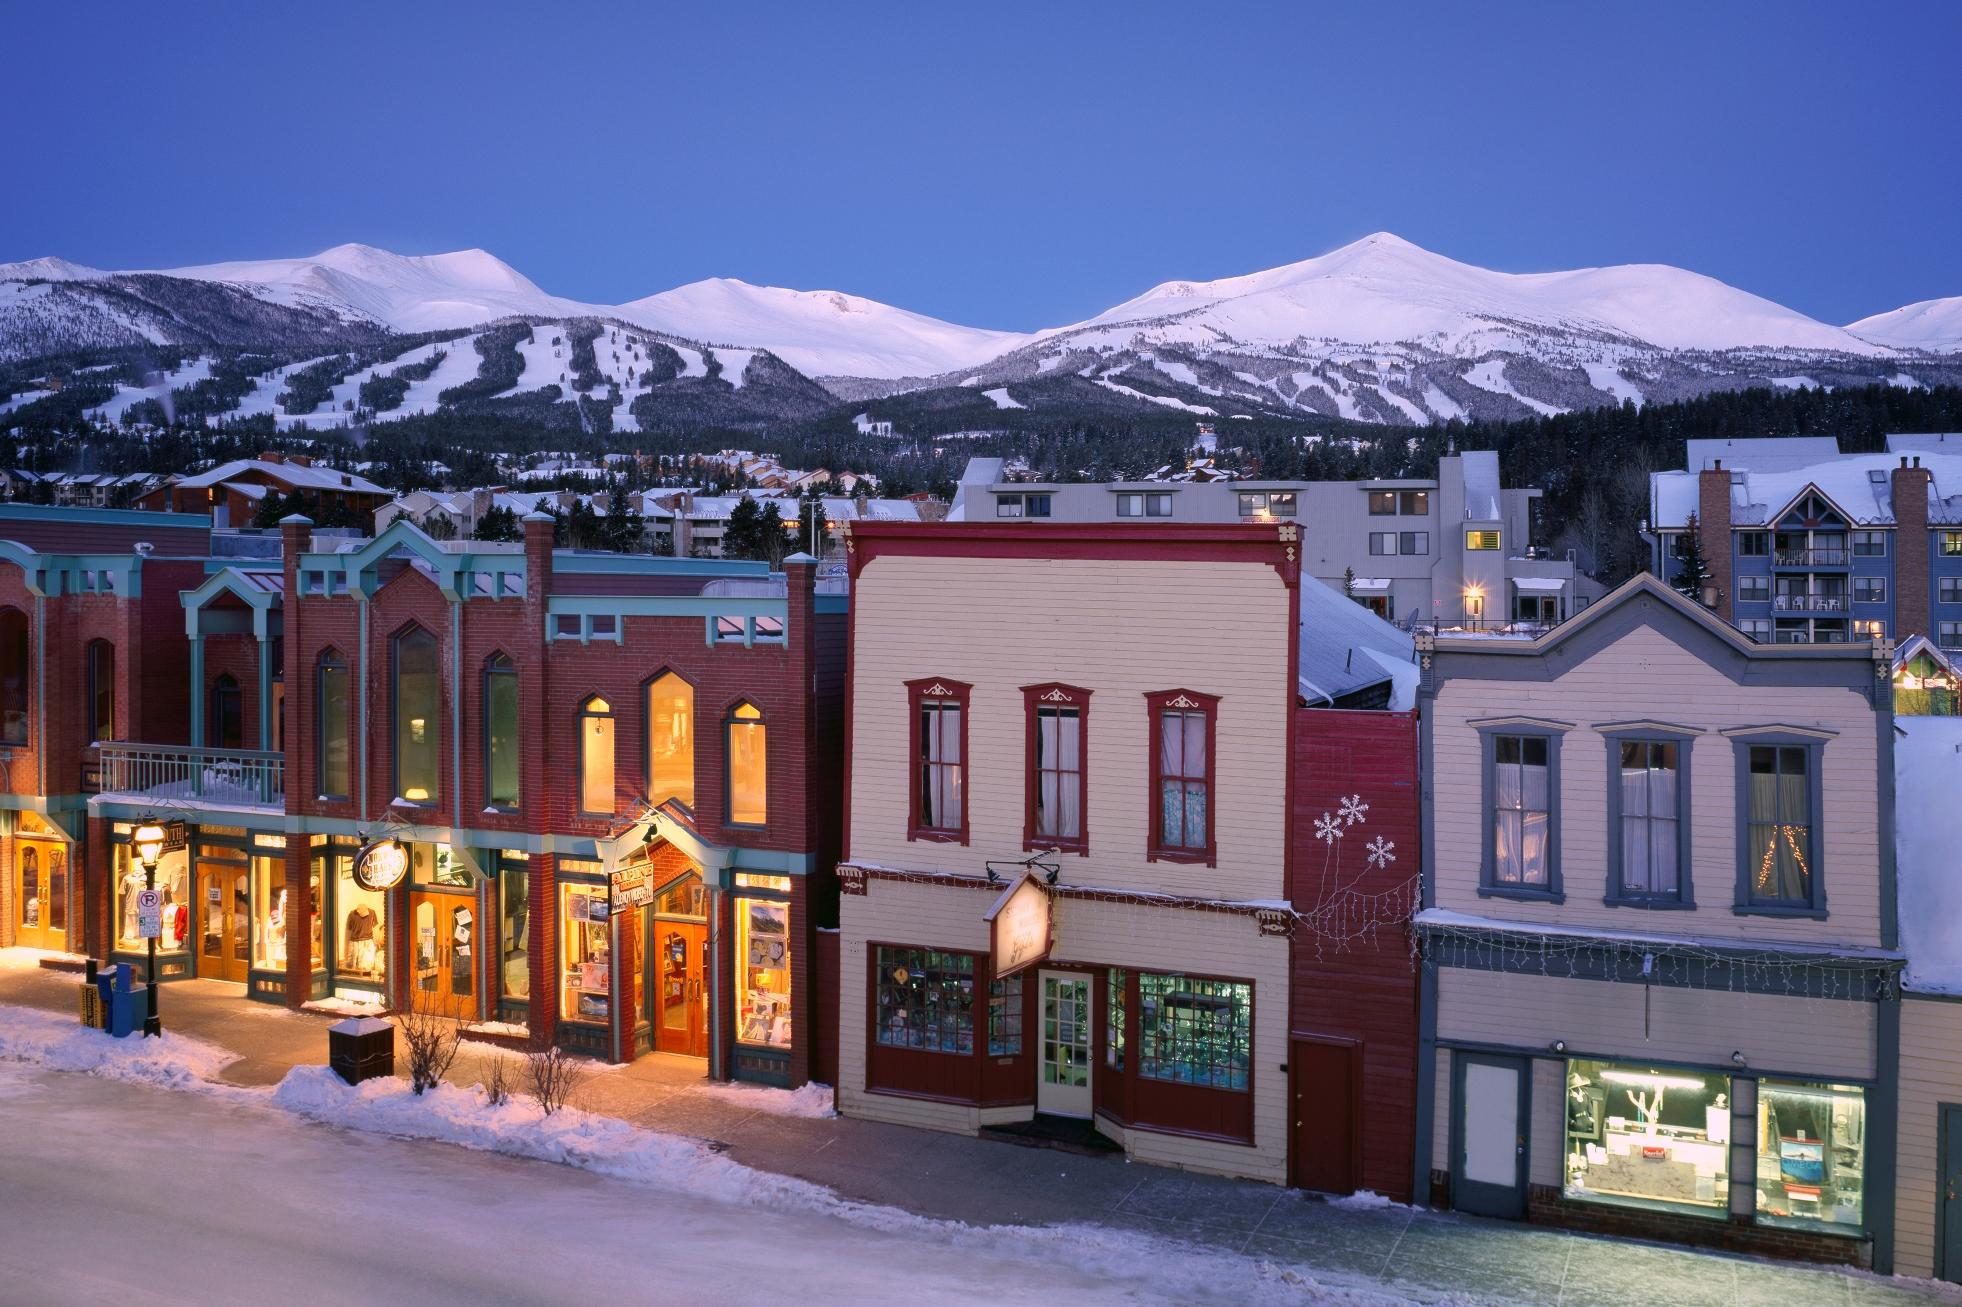 In het skigebied van Breckenridge in Colorado ie je de vele kleuren op de huizen wat een prachtig straatbeeld geeft.